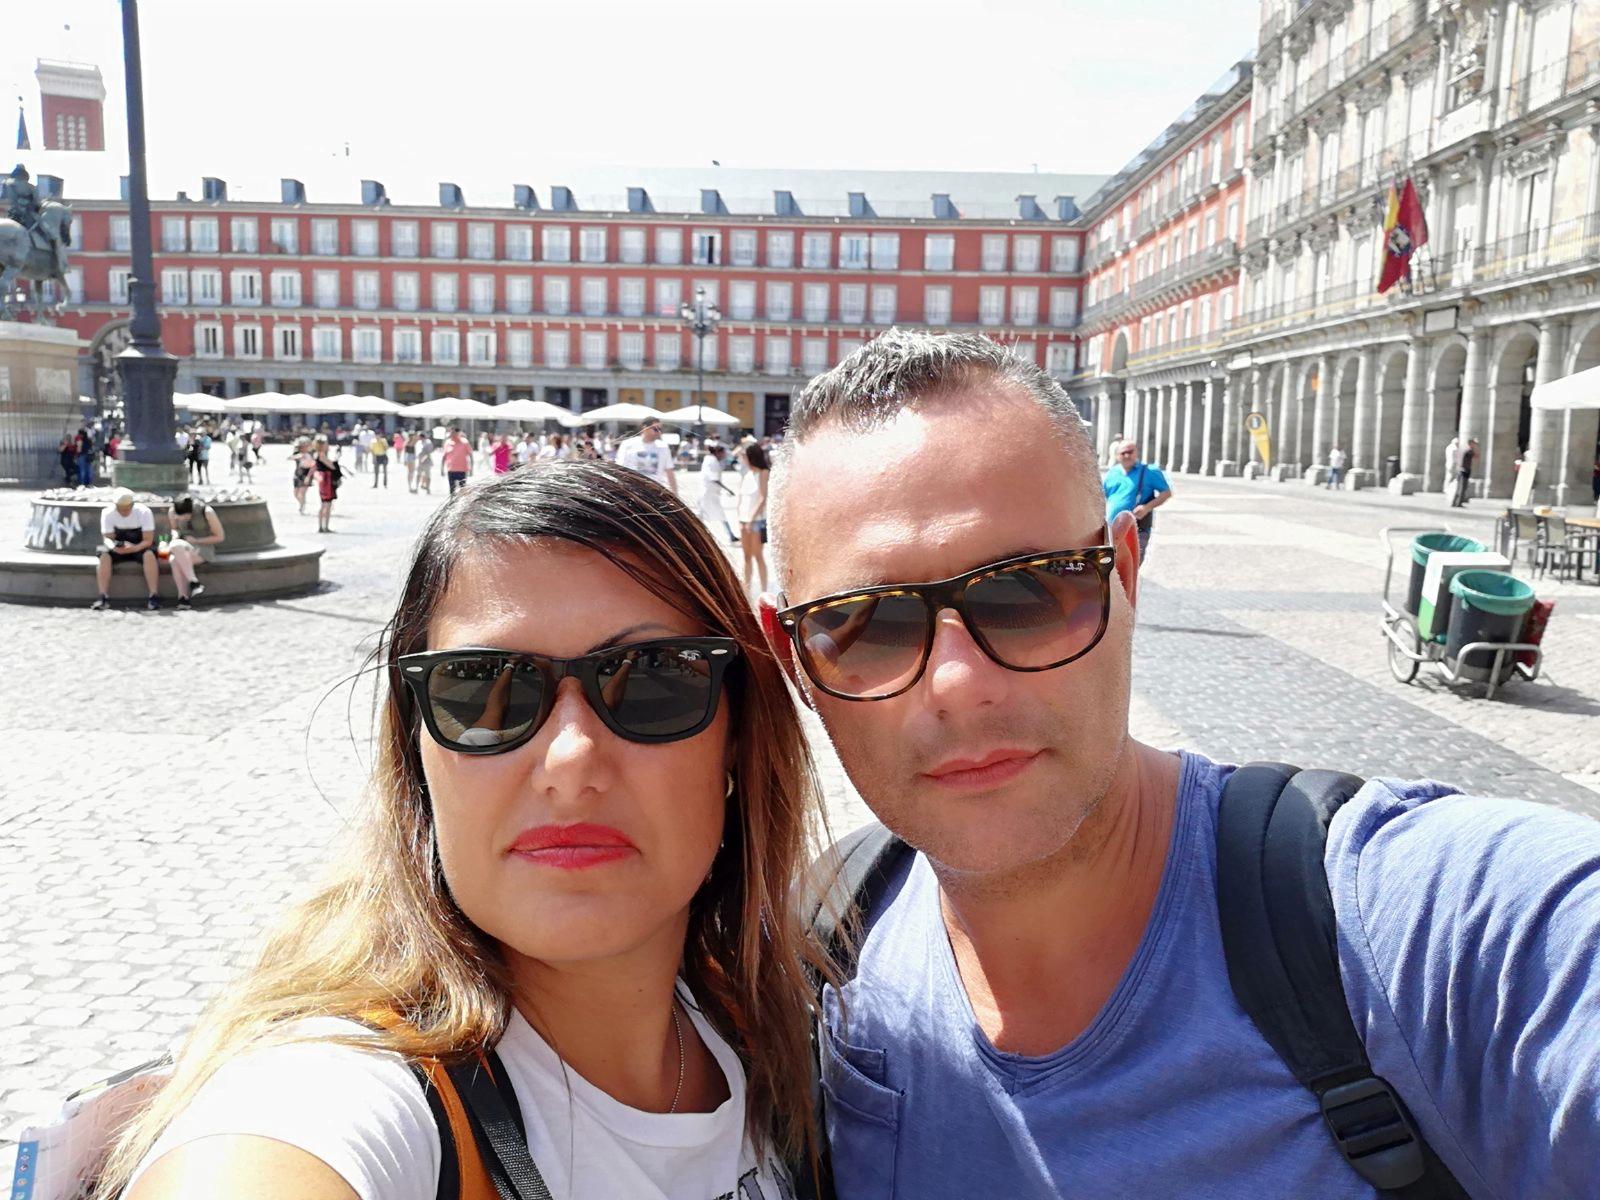 MADRID COSA VEDERE IN UN GIORNO, PLAZA MAYOR